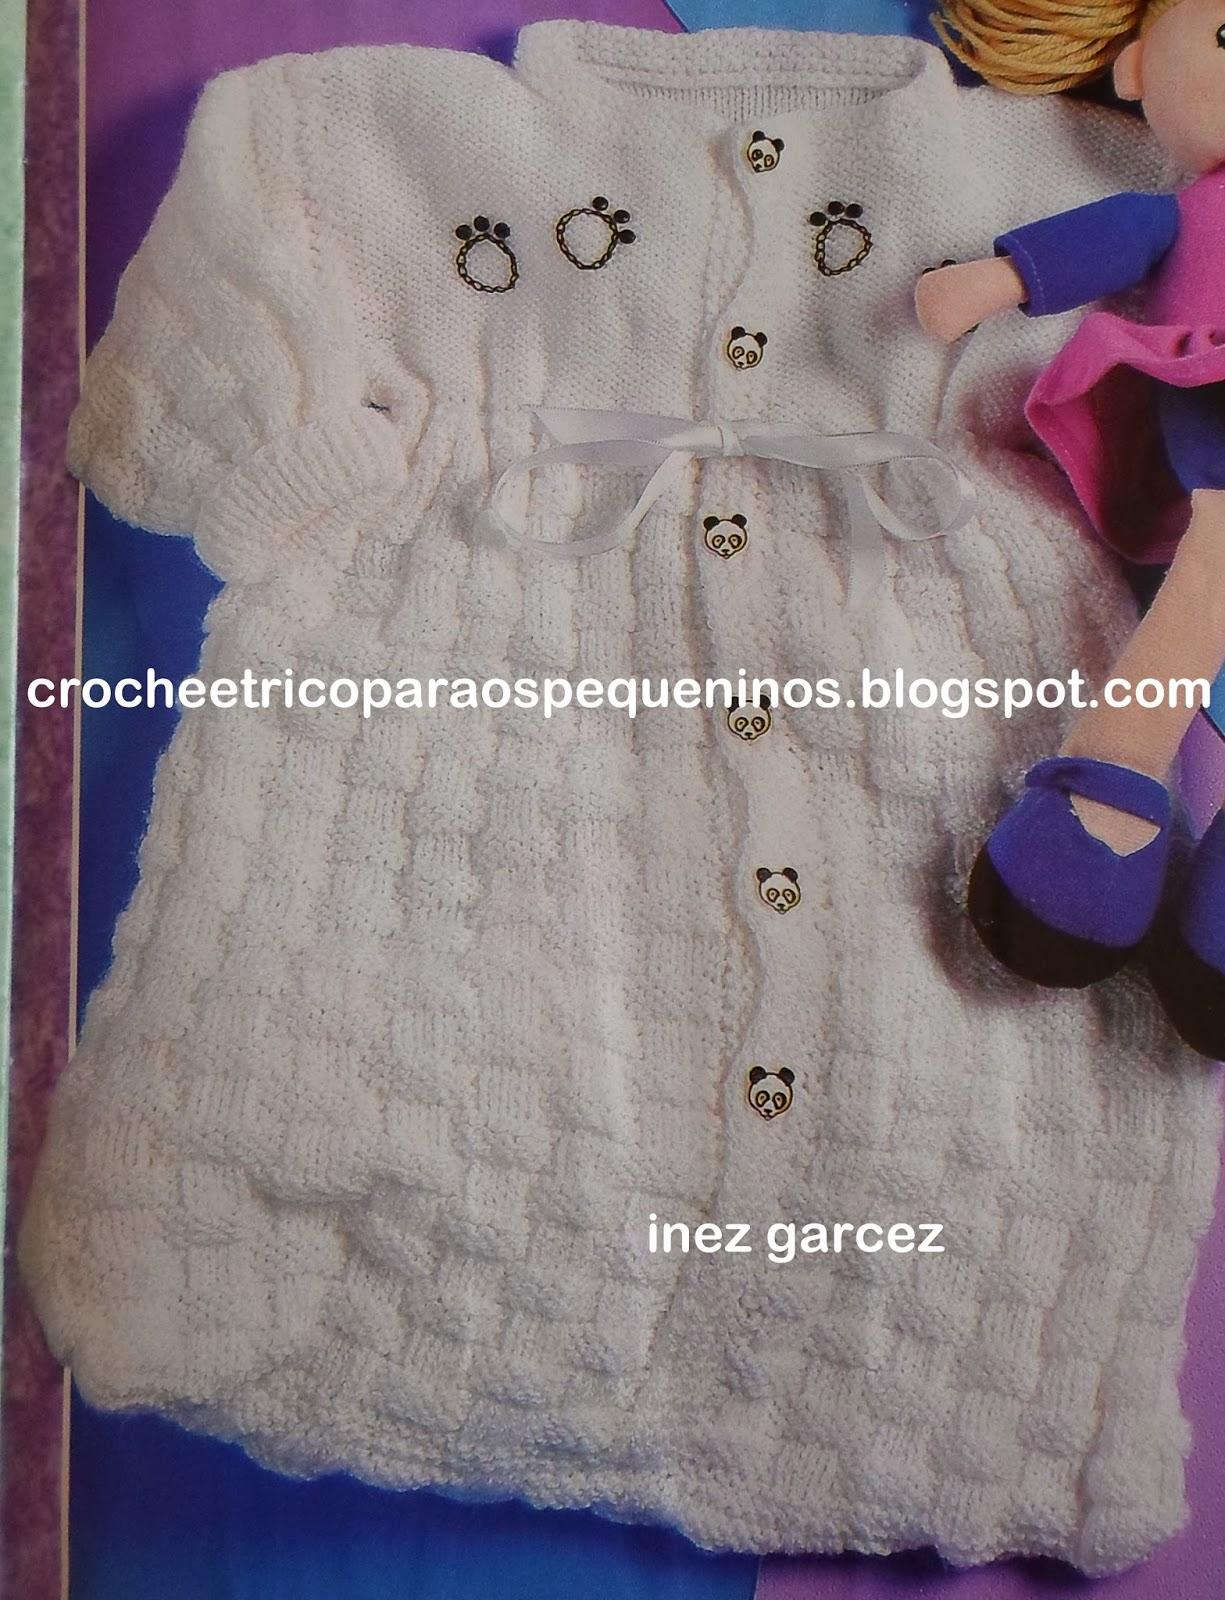 8e70bf4c1411 CROCHE E TRICO PARA OS PEQUENINOS: Saco de dormir, de trico, para bebe